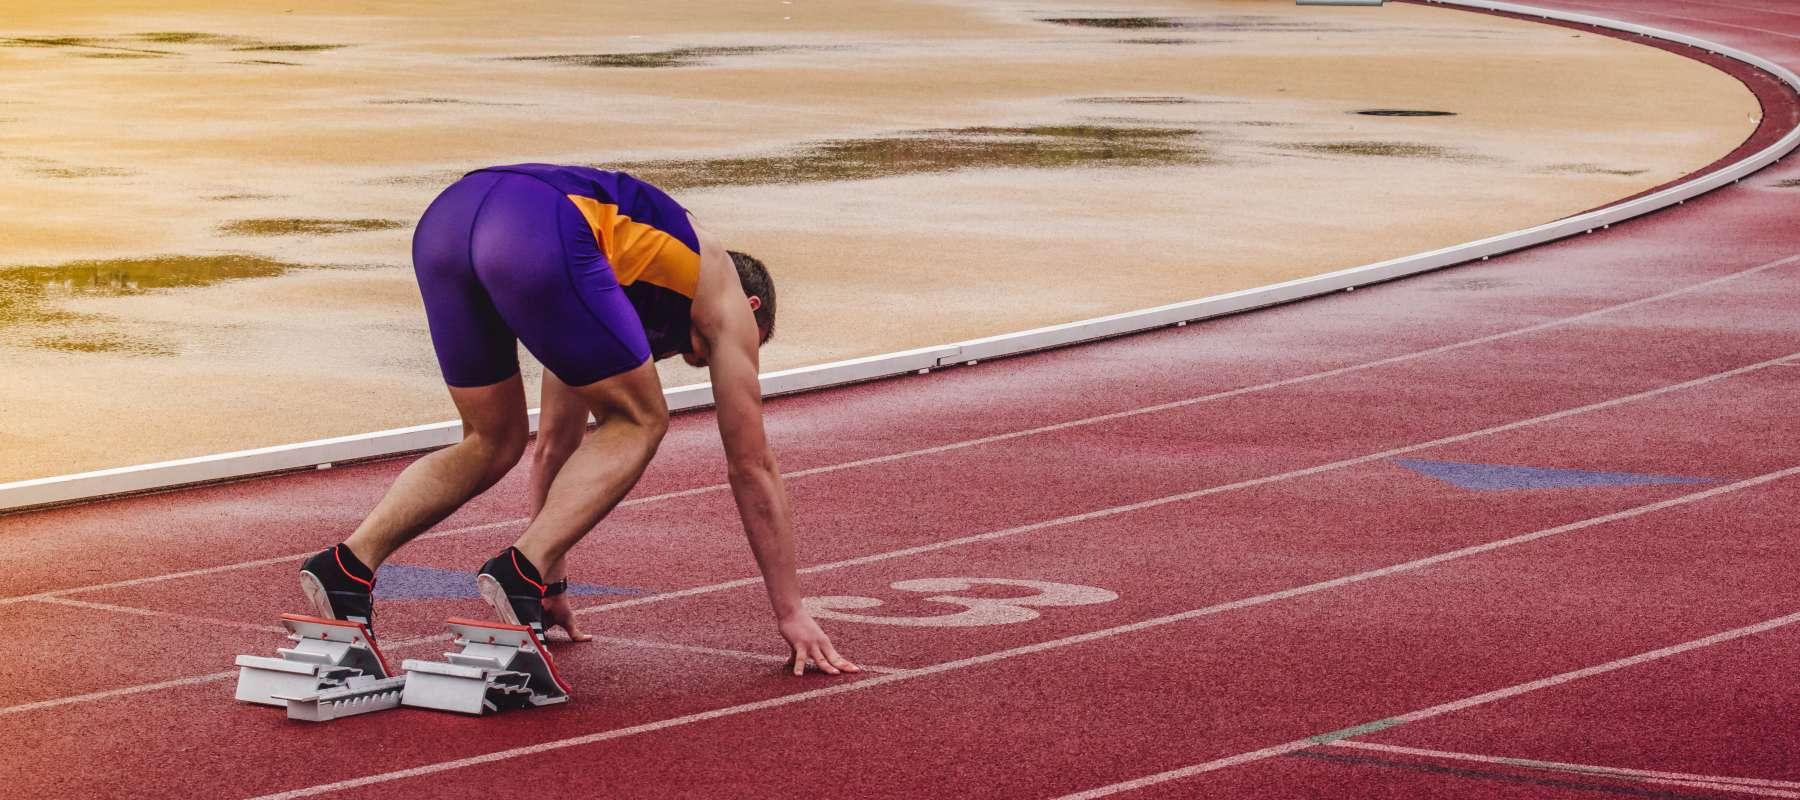 runner in corsia 3 di atletica leggera si prepara a gareggiare